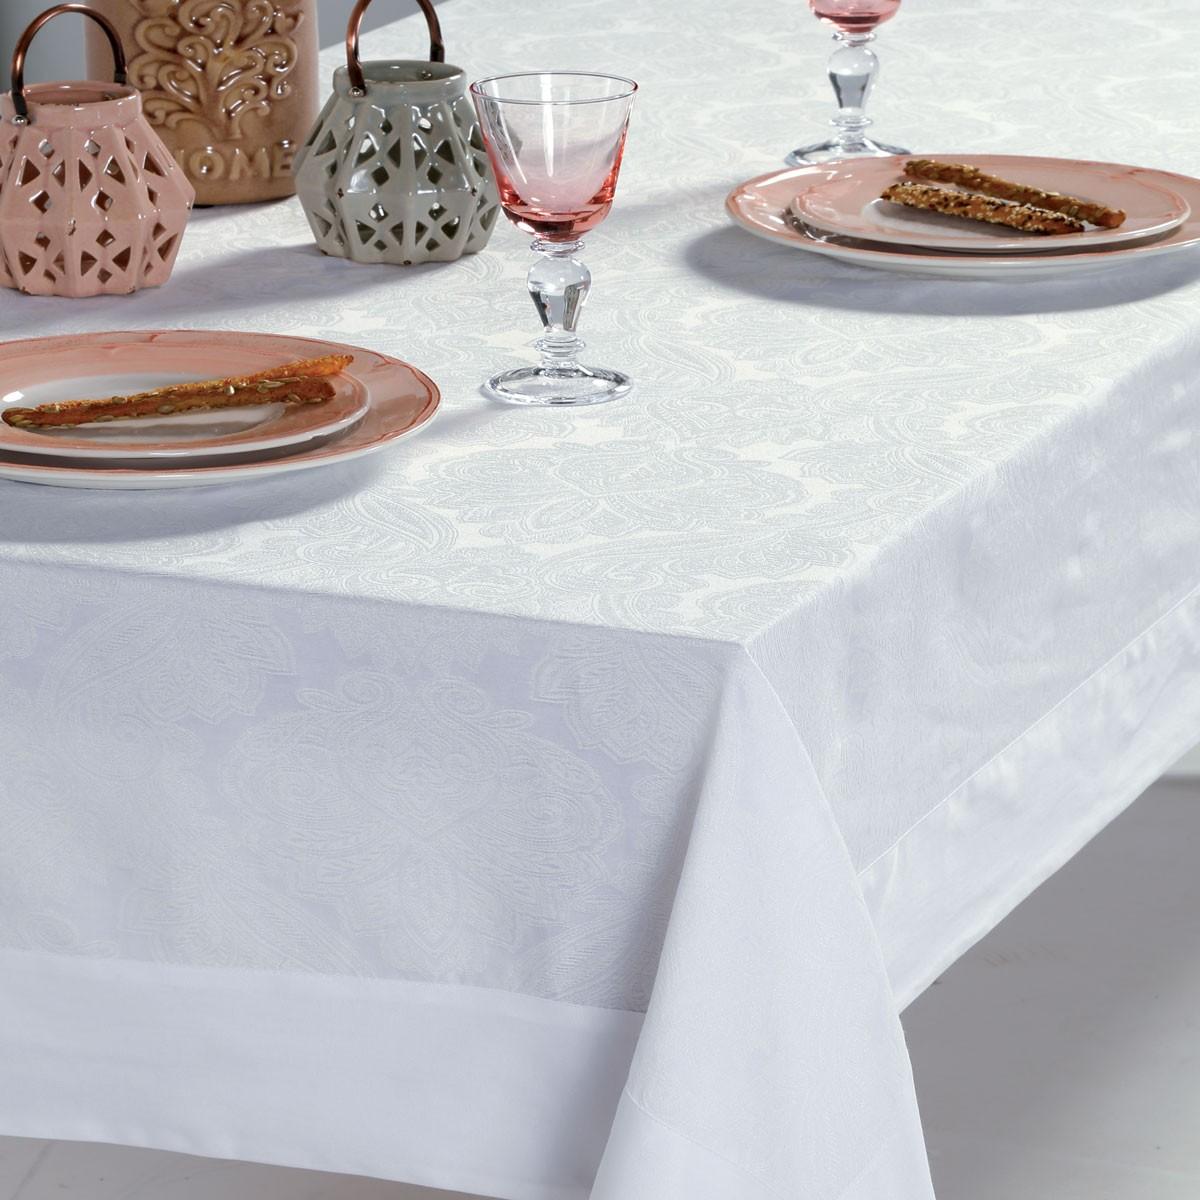 Τραπεζομάντηλο (160x260) Nef-Nef Kitchen Misty White home   κουζίνα   τραπεζαρία   τραπεζομάντηλα